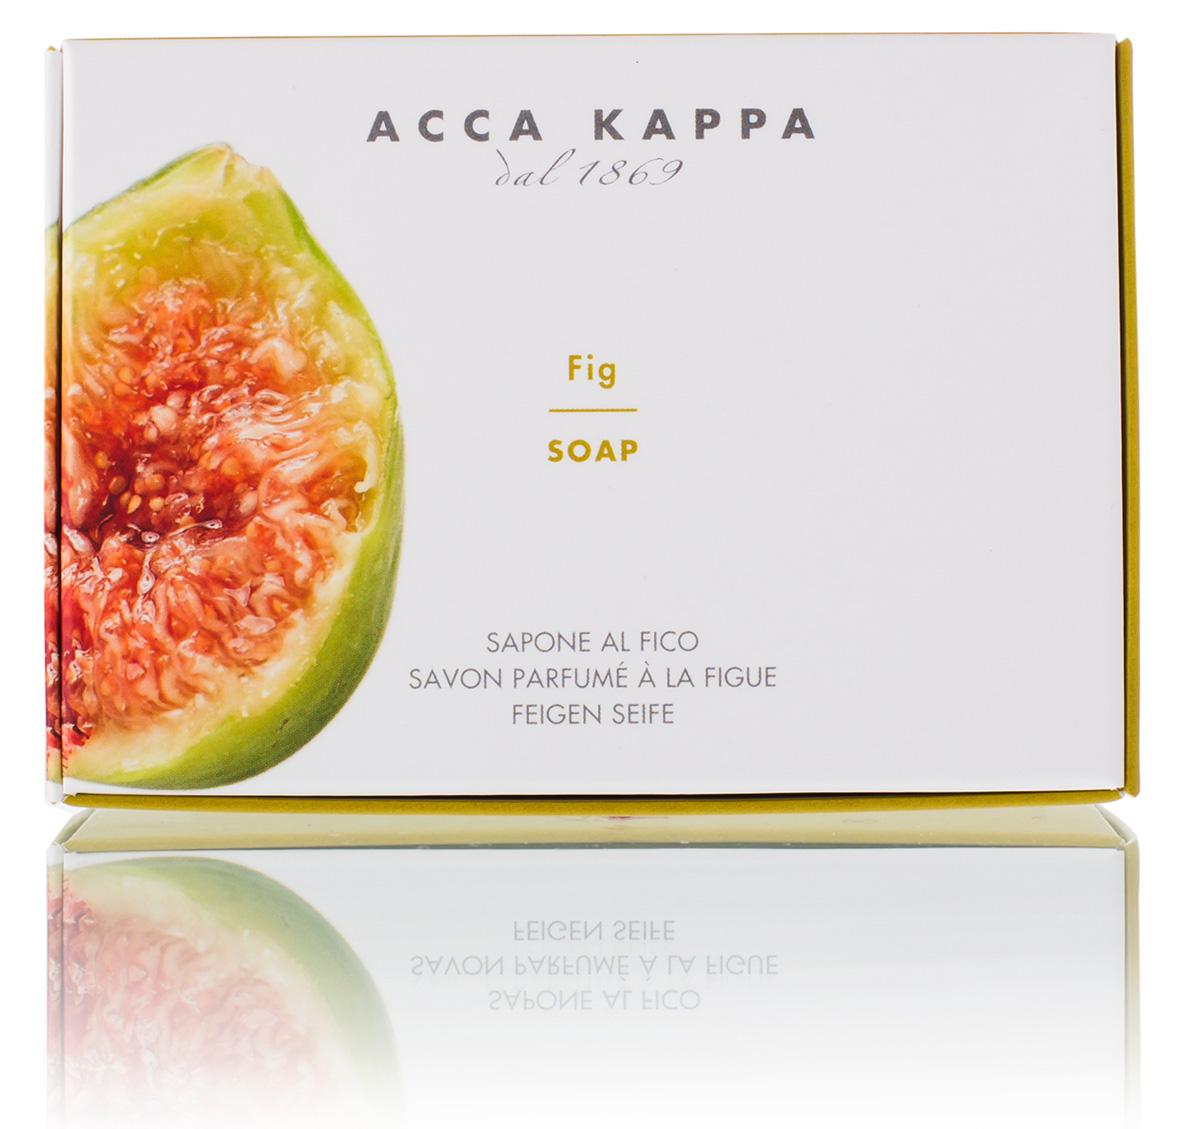 Acca Kappa Мыло туалетное Фига 150 грSatin Hair 7 BR730MNМыло создано с использованием традиционных методов из сырья исключительно растительного происхождения.